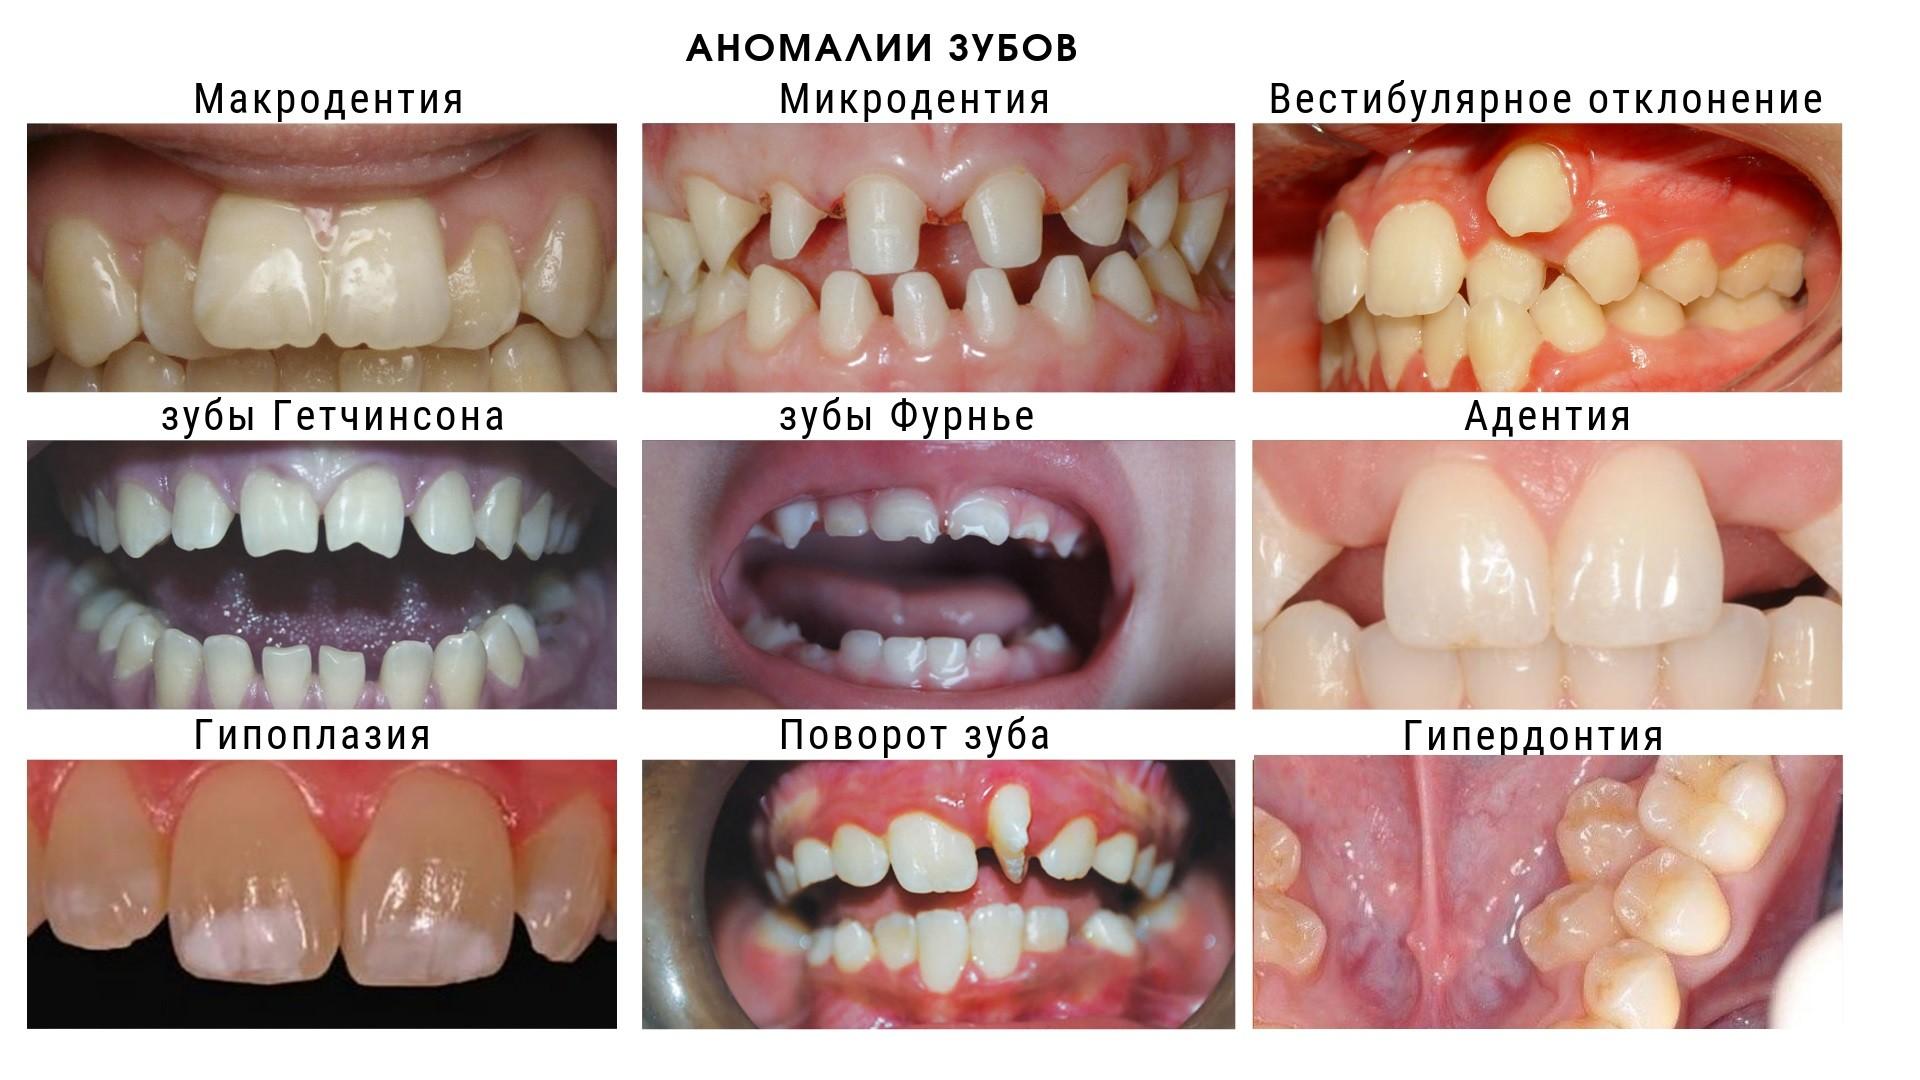 Наиболее частые виды аномалии зубов